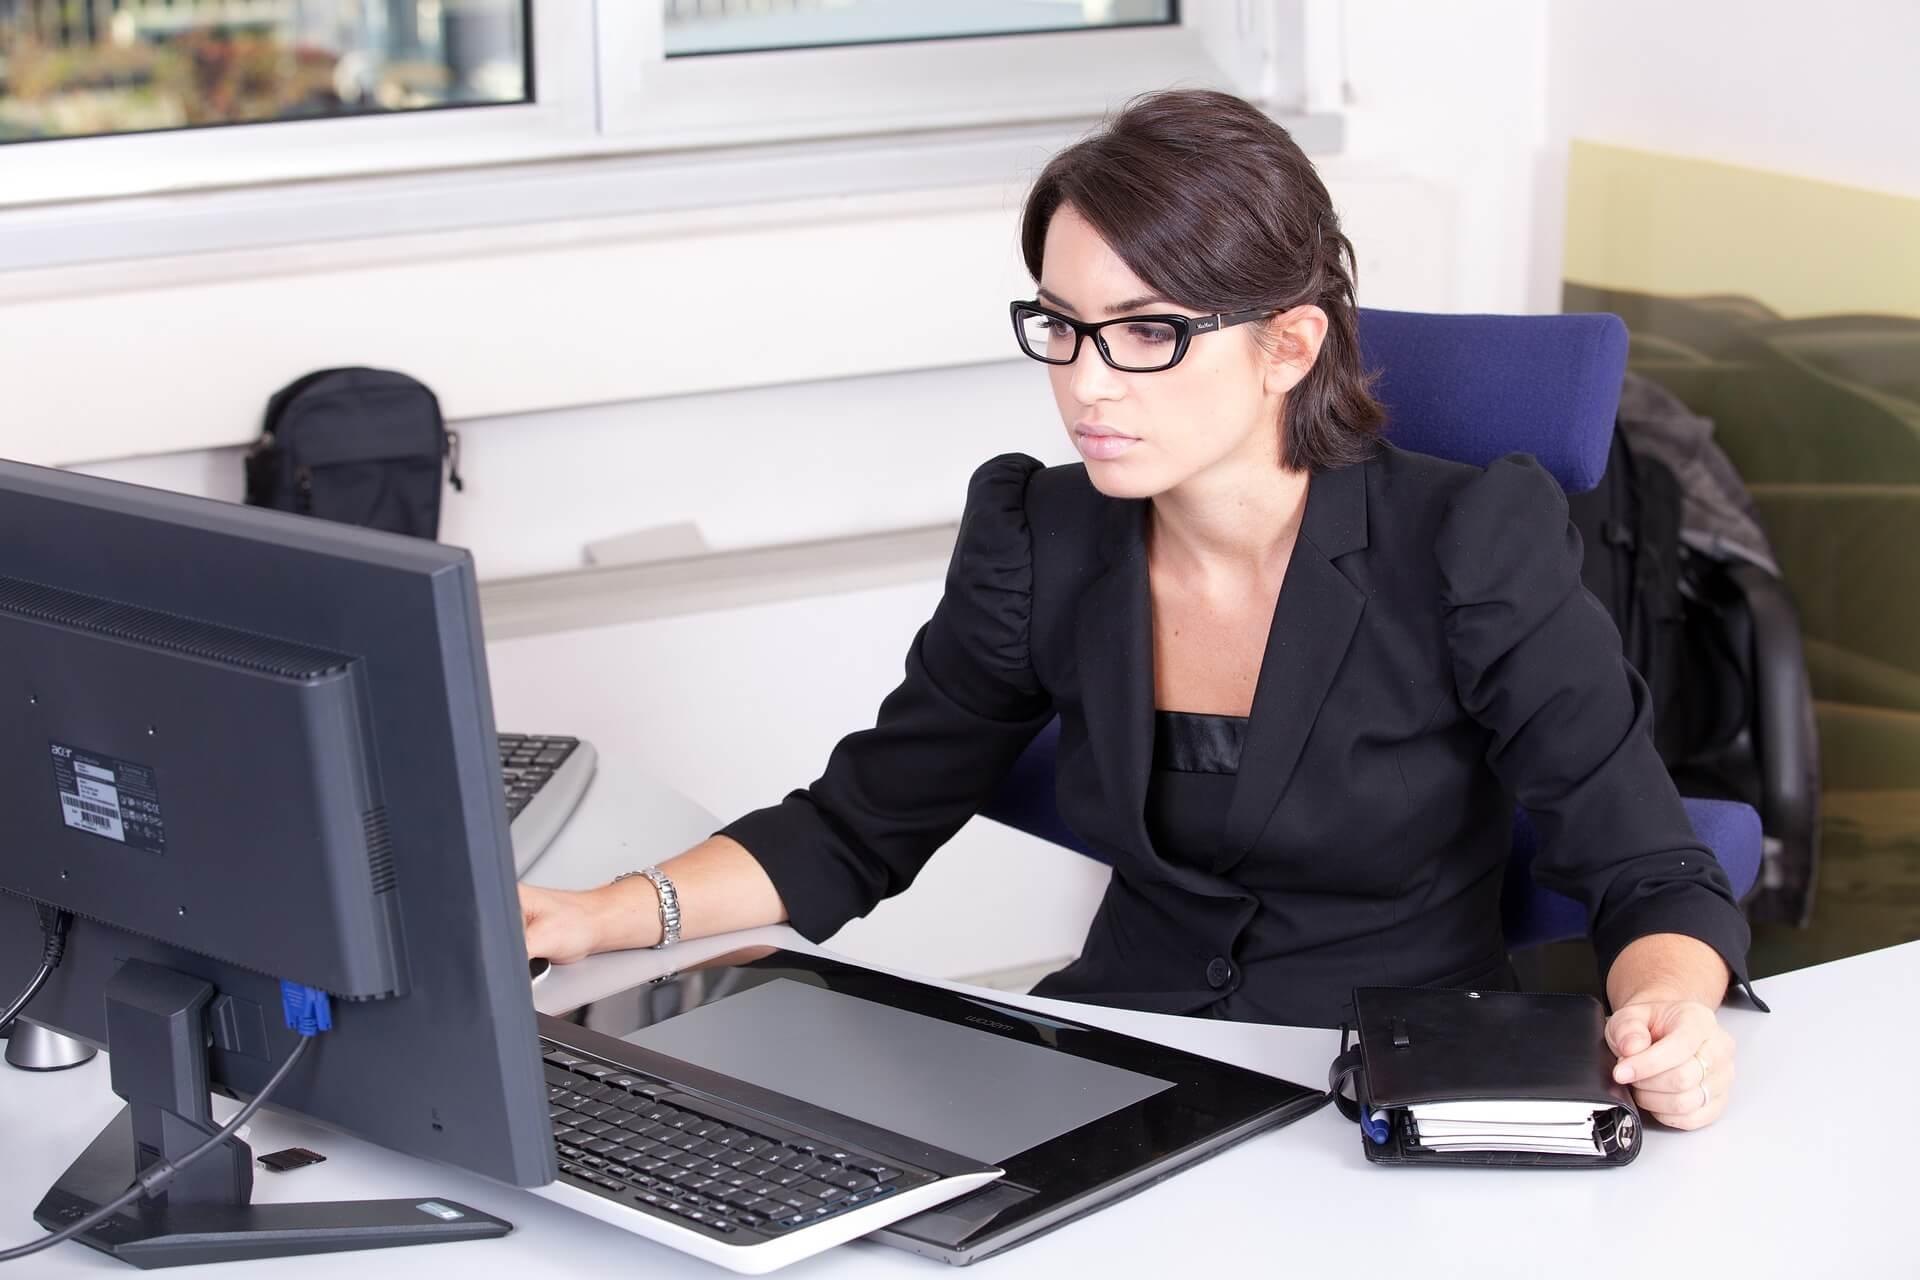 En esta nota compartimos recursos para encontrar trabajos en Estados Unidos. La imagen es ilustrativa.